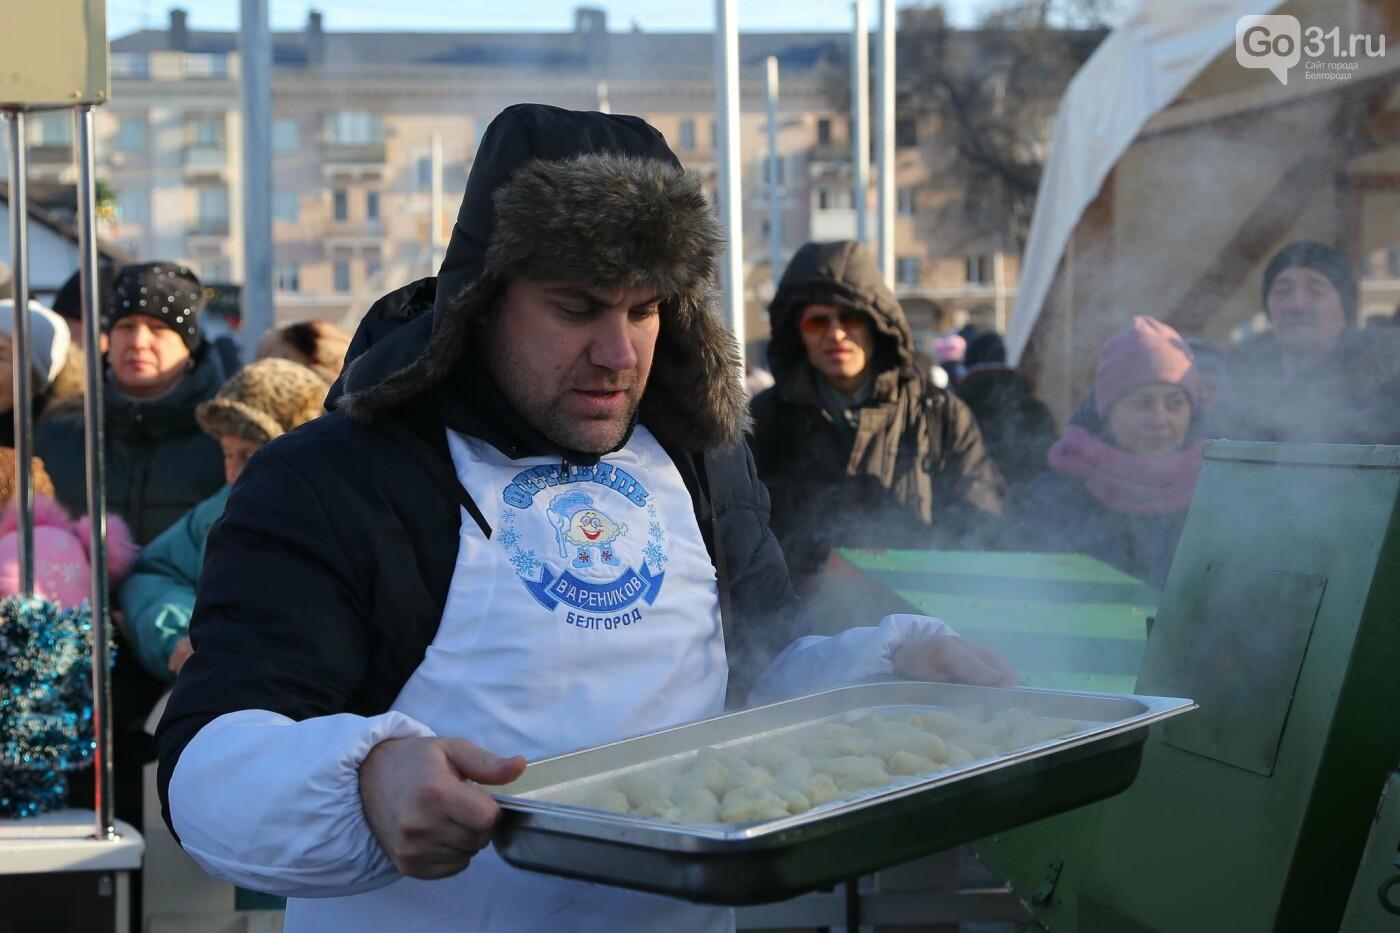 Дегустация, гастрономический парад, спецтроллейбус. В Белгороде прошёл фестиваль вареников, фото-23